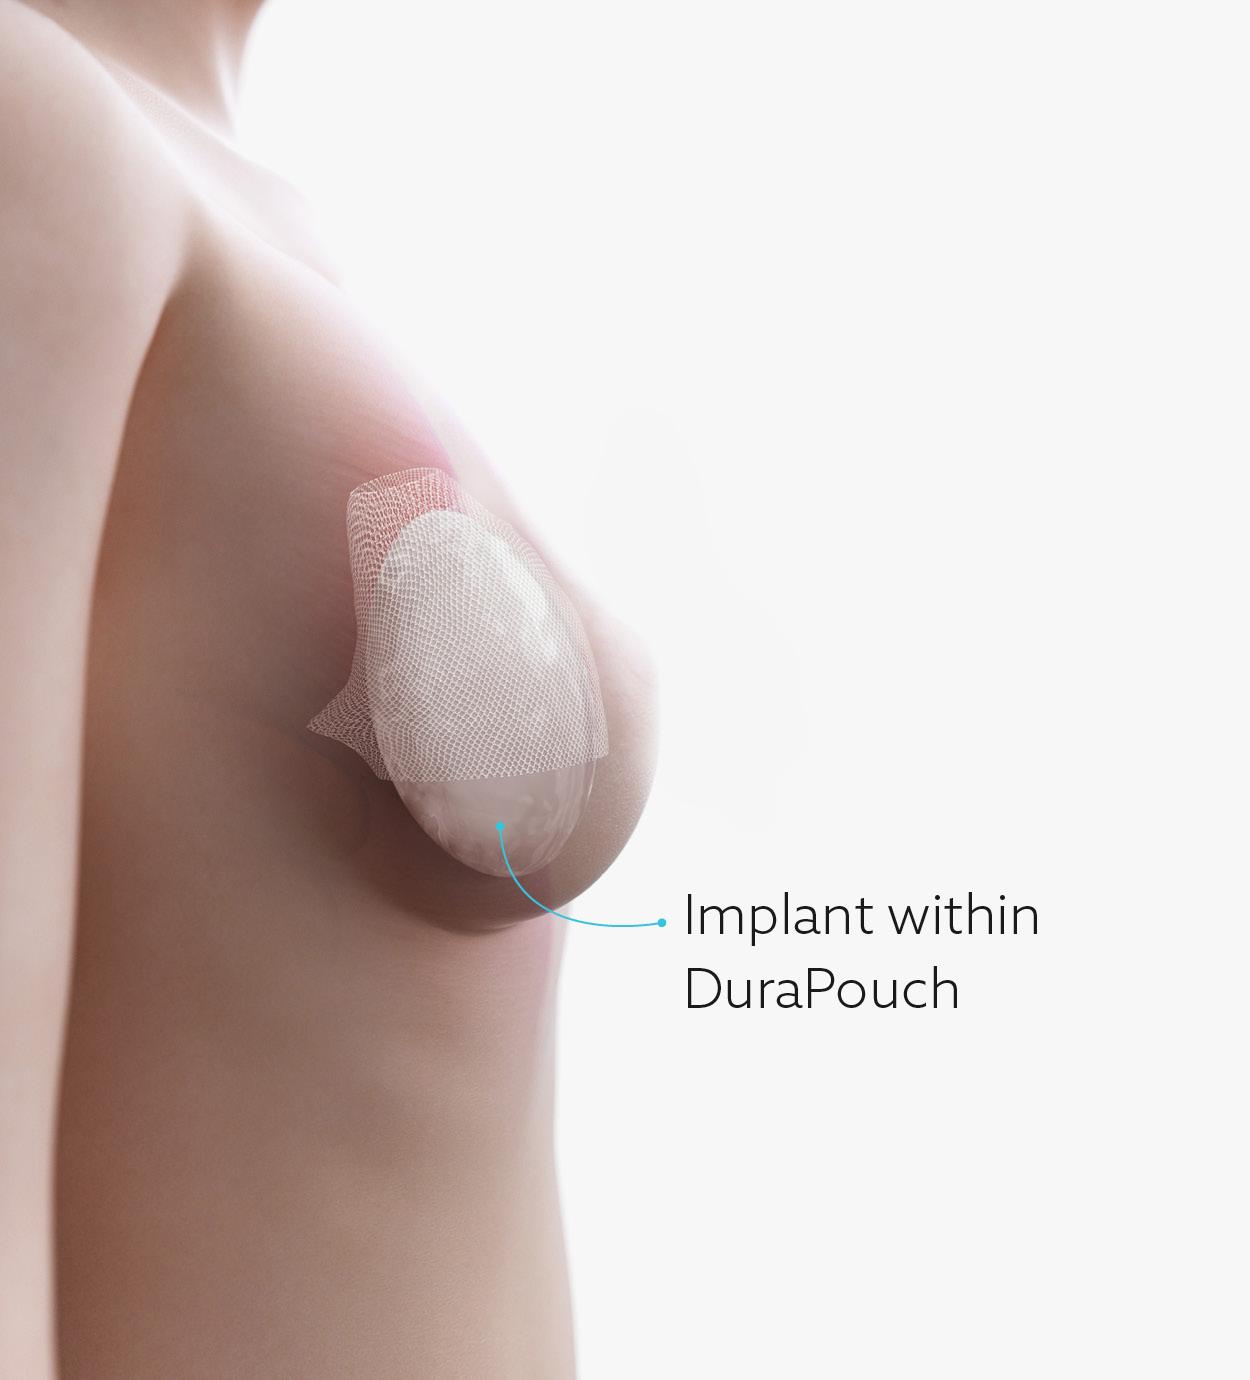 DuraPouch